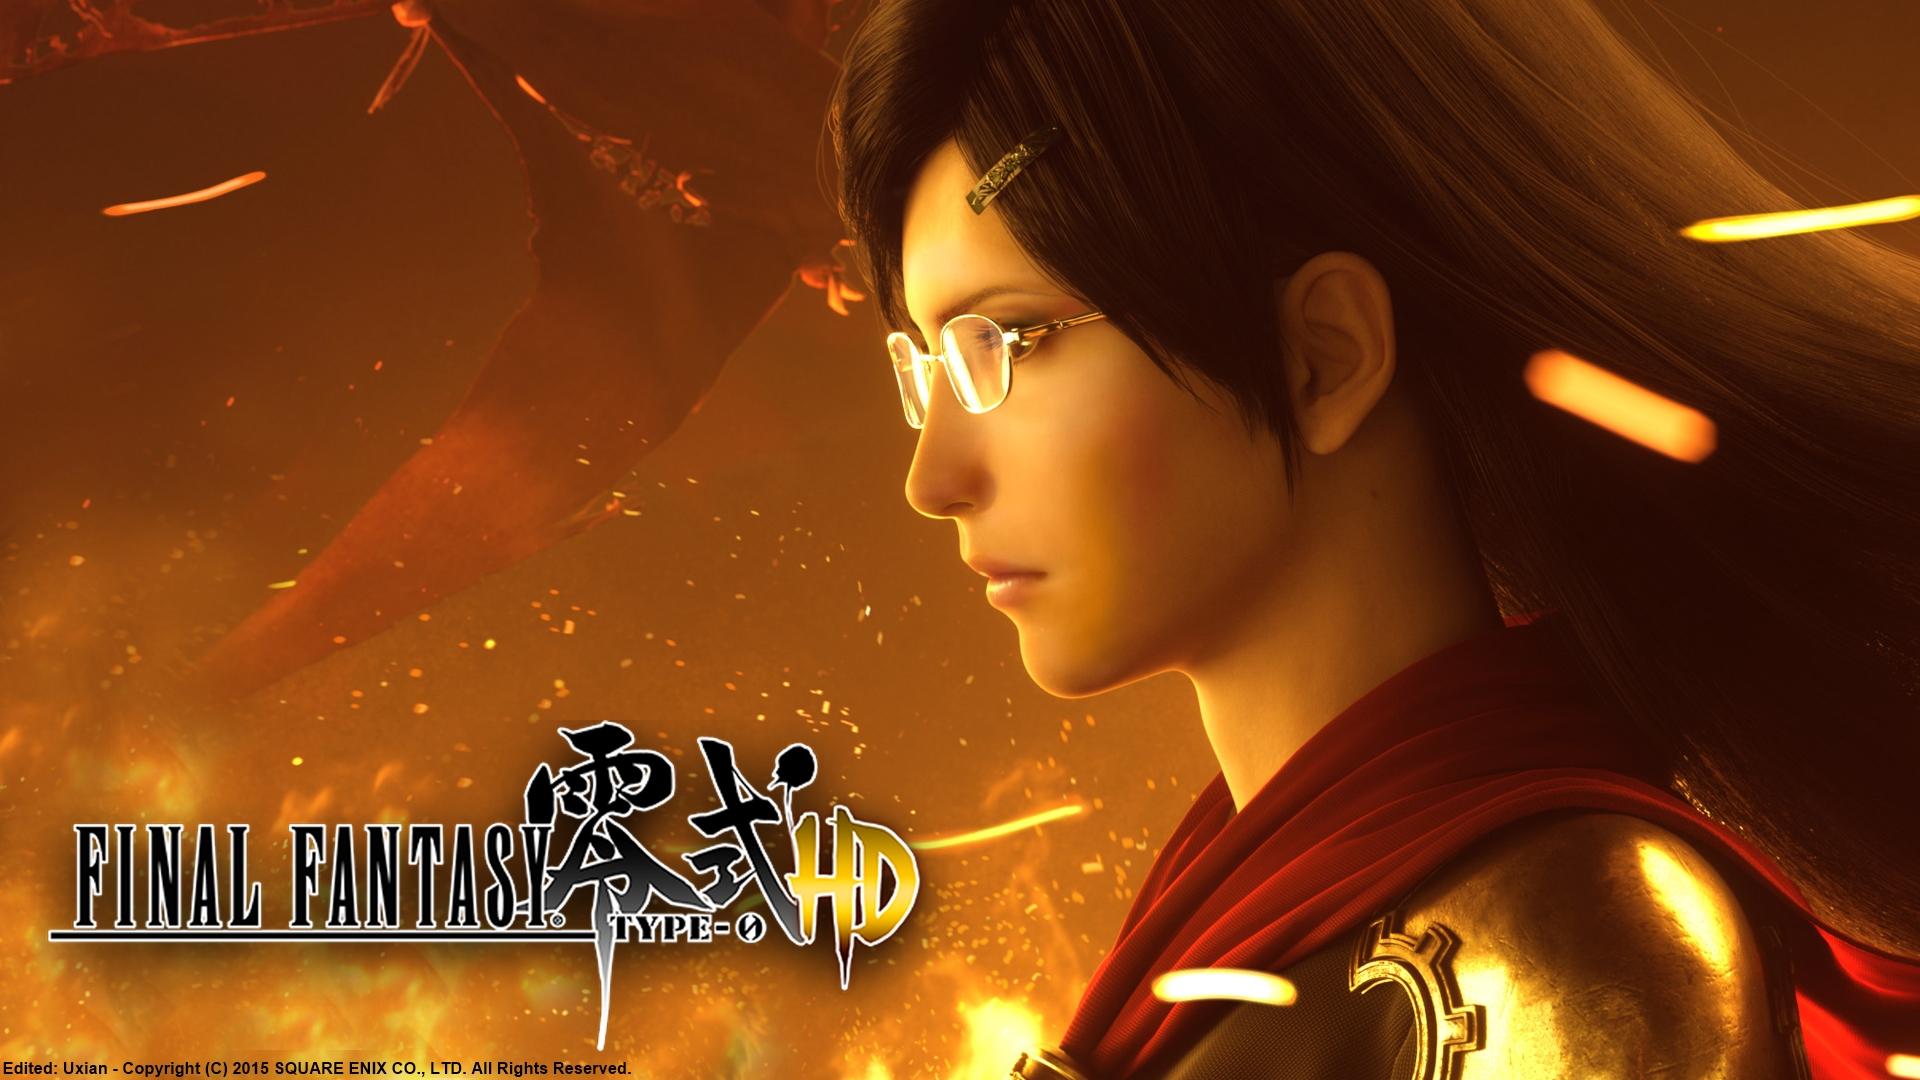 Final Fantasy Type 0 Hd By Uxianxiii On Deviantart